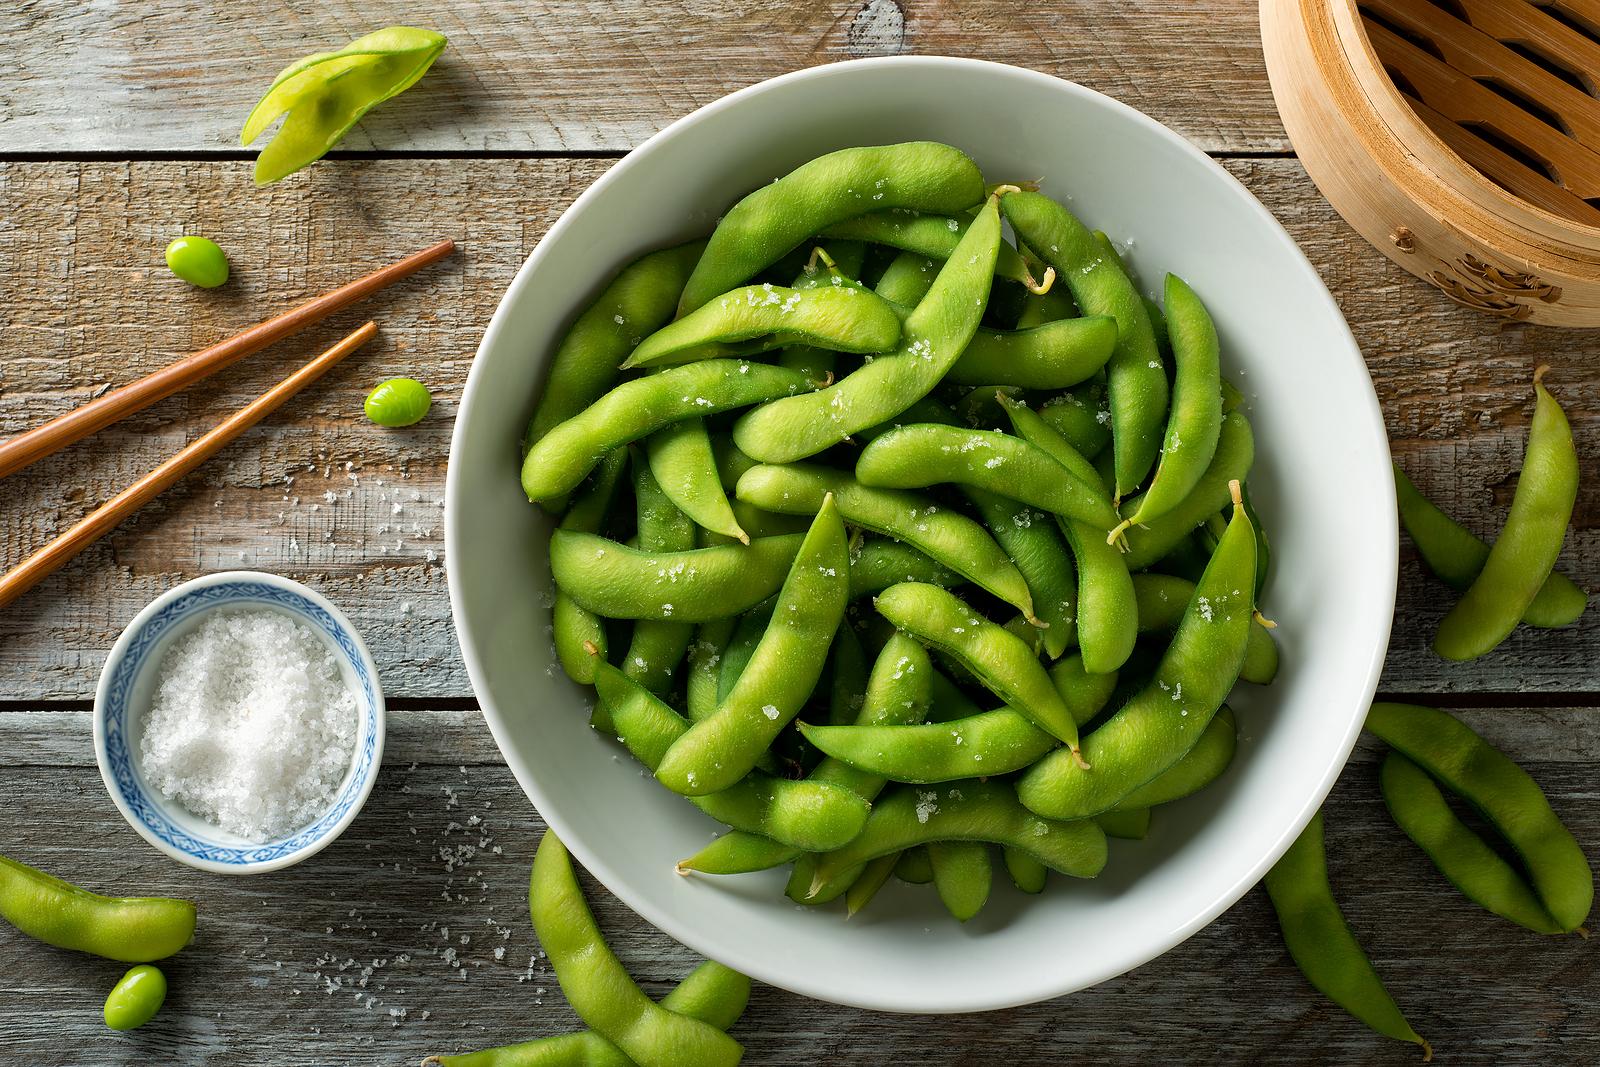 Edamame (Soybeans) With Sea Salt